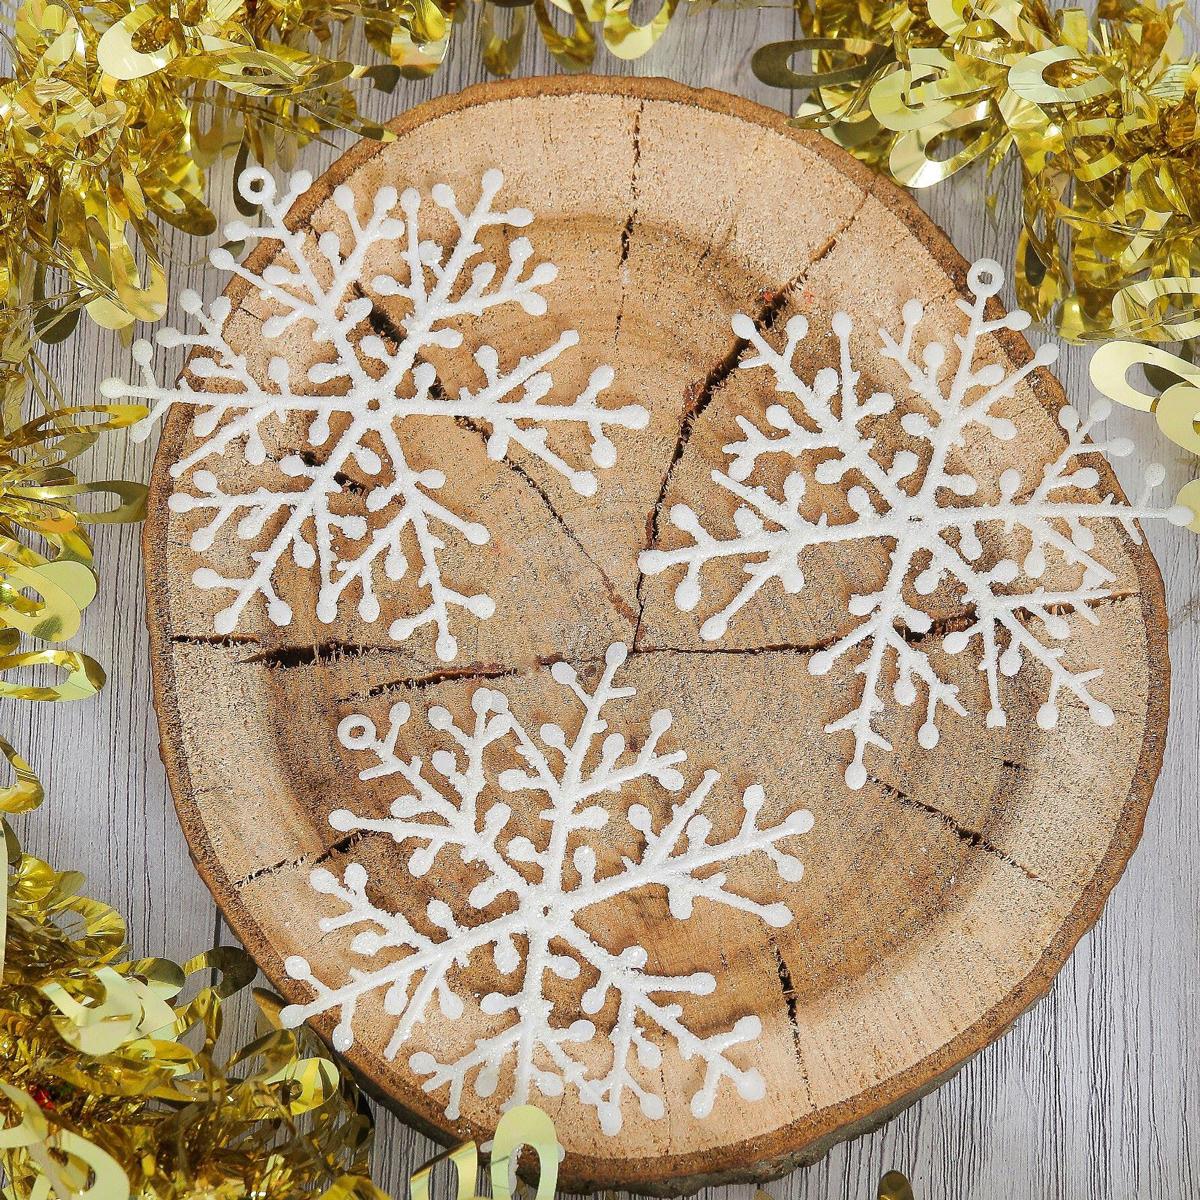 Набор новогодних подвесных украшений Снежинка, диаметр 10 см, 6 шт2371405Набор новогодних подвесных украшений отлично подойдет для декорации вашего дома и новогодней ели. С помощью специальной петельки украшение можно повесить в любом понравившемся вам месте. Но, конечно, удачнее всего оно будет смотреться на праздничной елке.Елочная игрушка - символ Нового года. Она несет в себе волшебство и красоту праздника. Такое украшение создаст в вашем доме атмосферу праздника, веселья и радости.